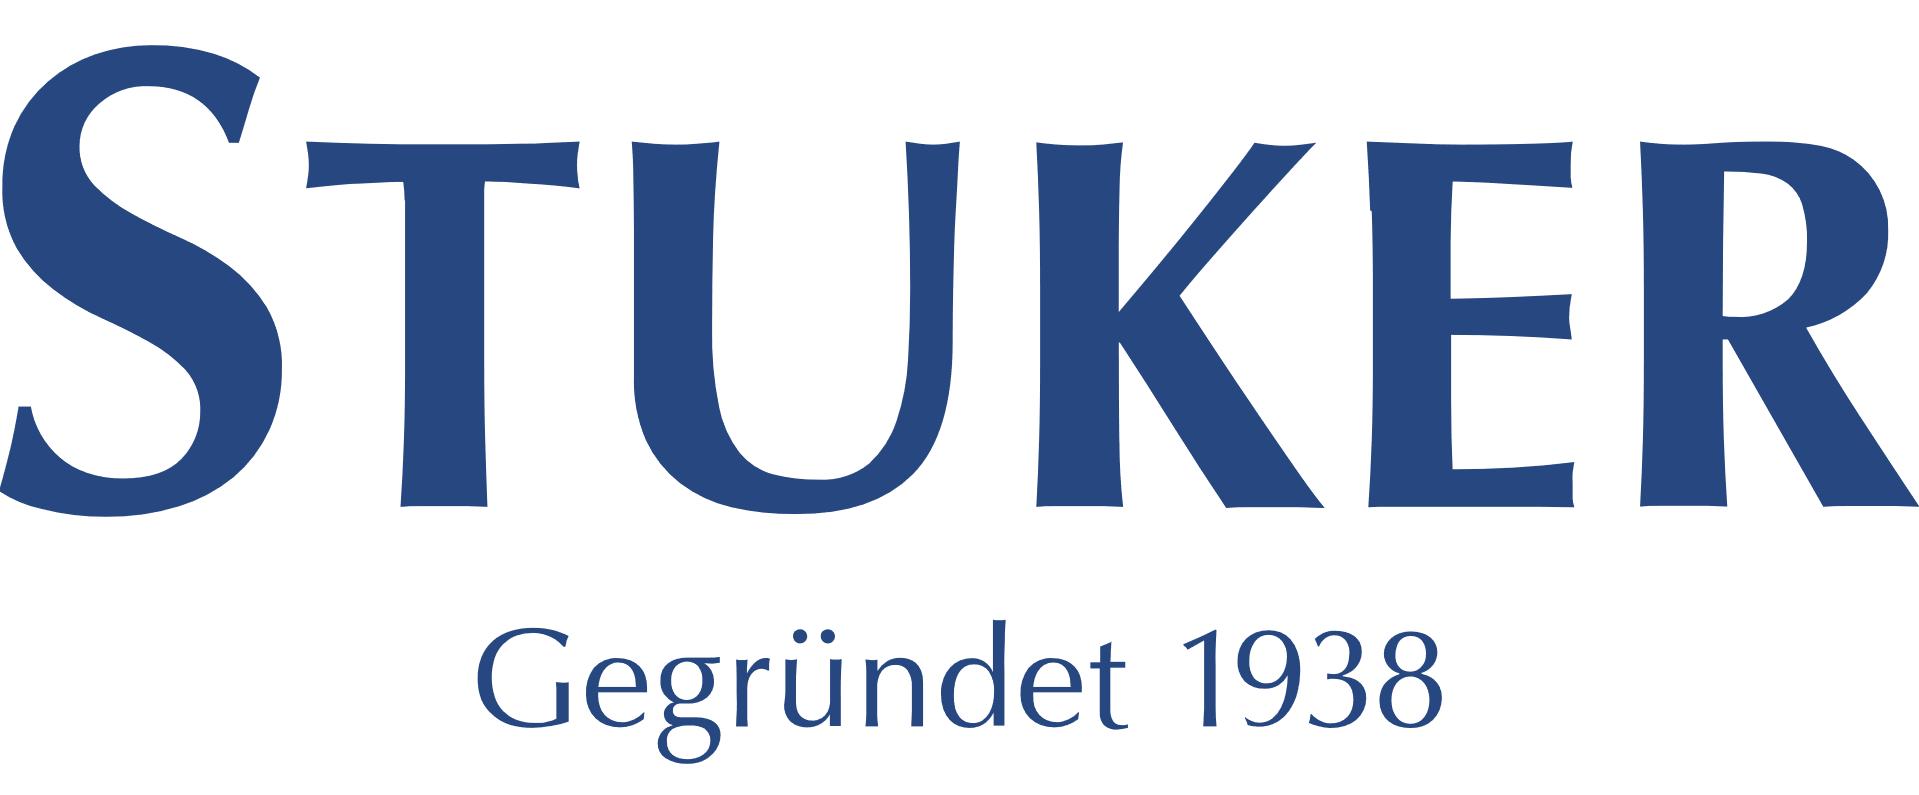 Auktionshaus Galerie Stuker Jürg AG